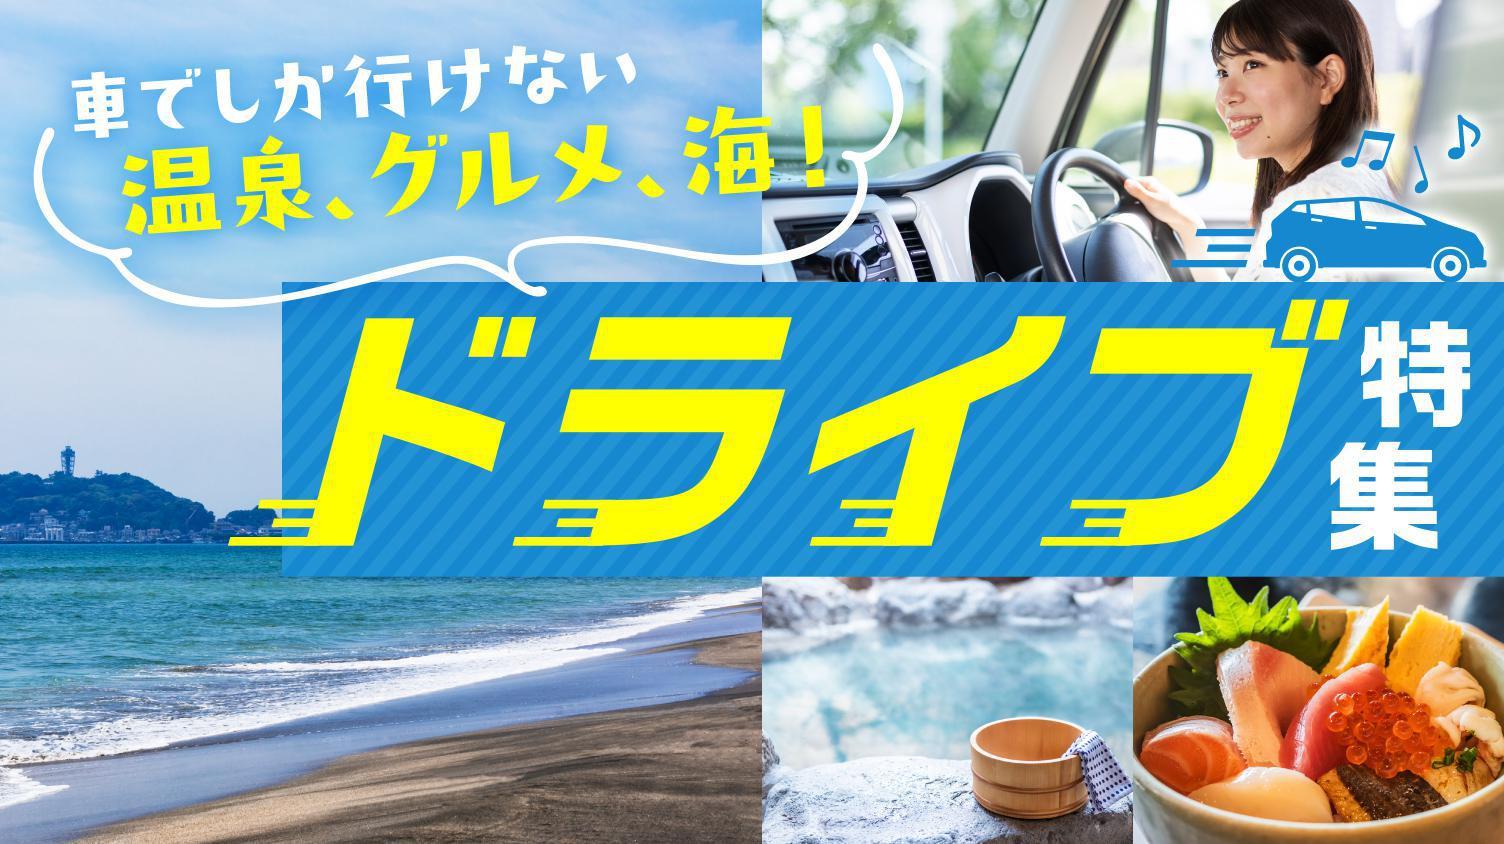 【ドライブ特集】グルメや自然を堪能できる安心・安全なコースをご紹介